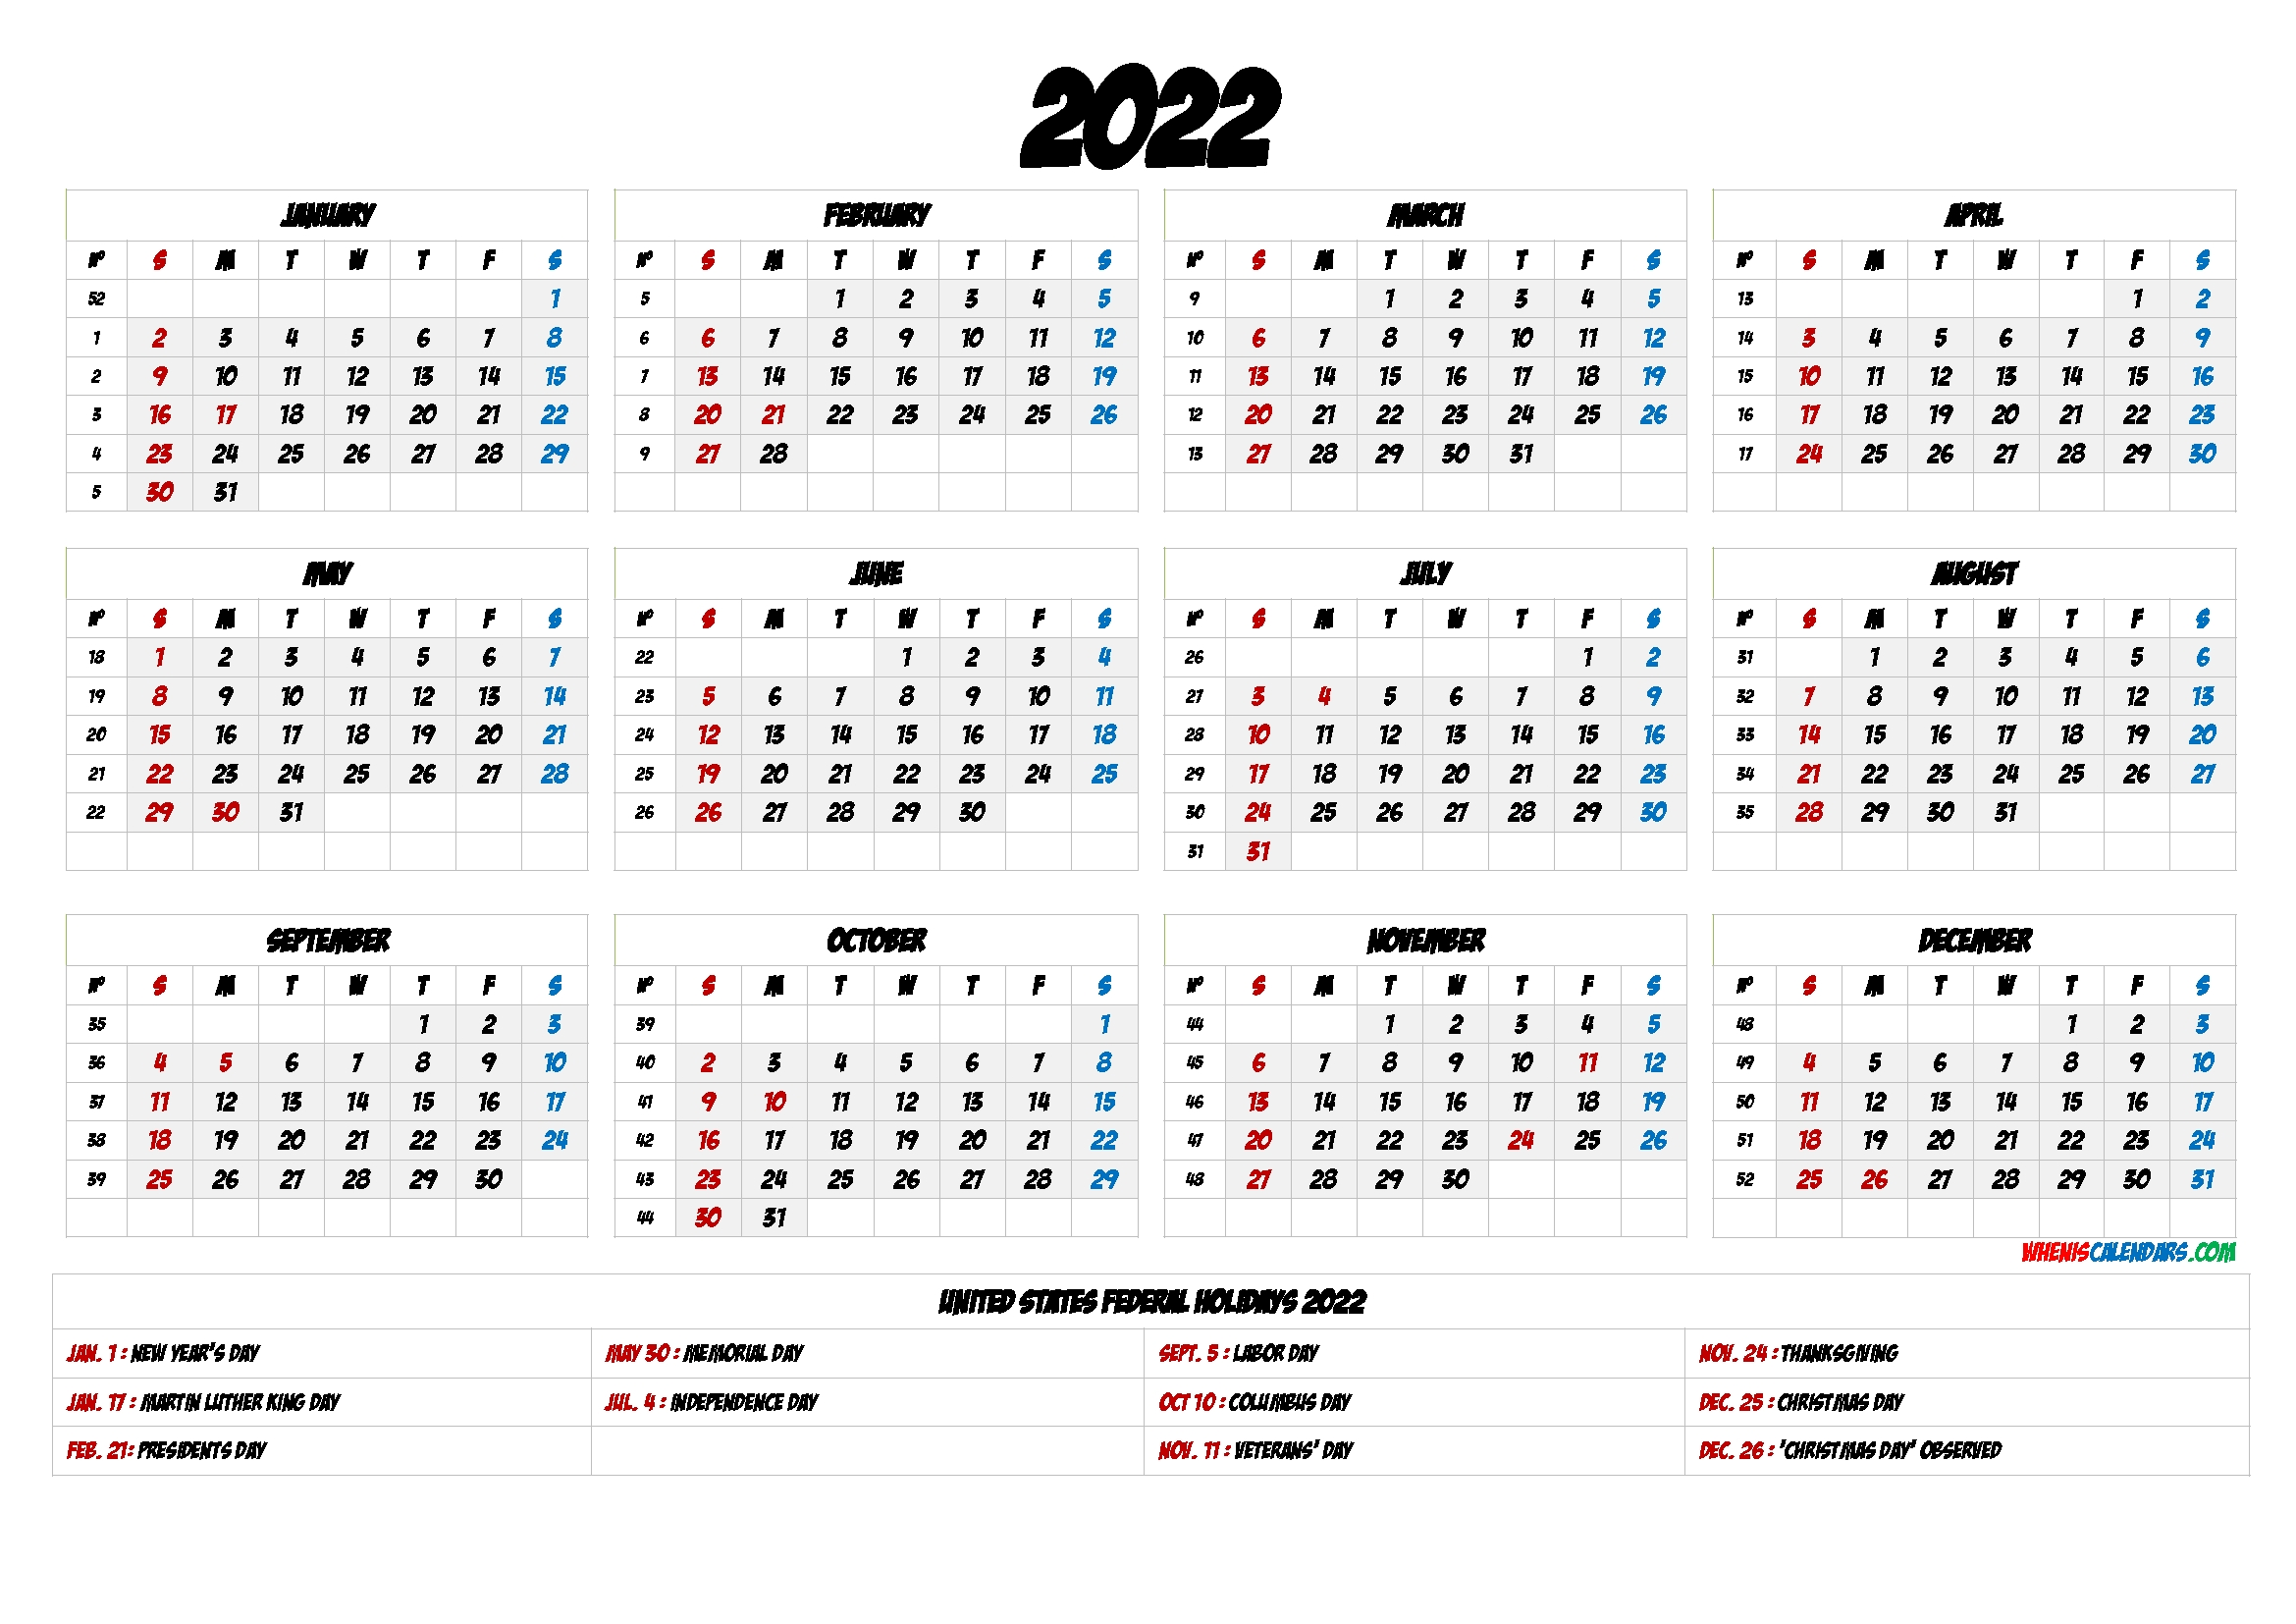 Free Printable Calendar 2022 With Holidays   Printable